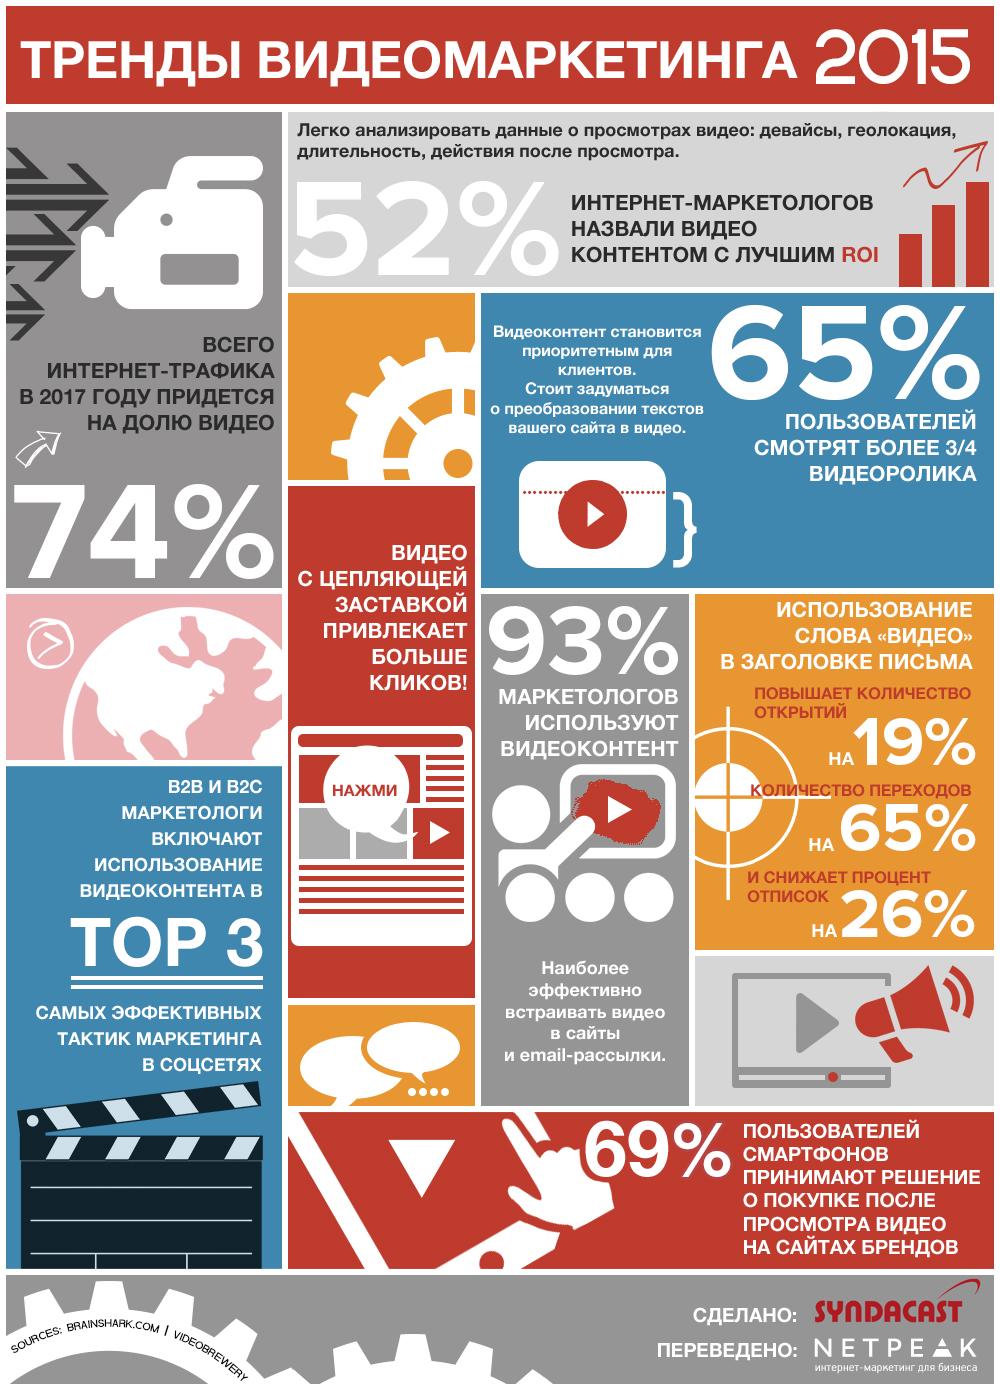 Зачем нужен видеомаркетинг: инфографика